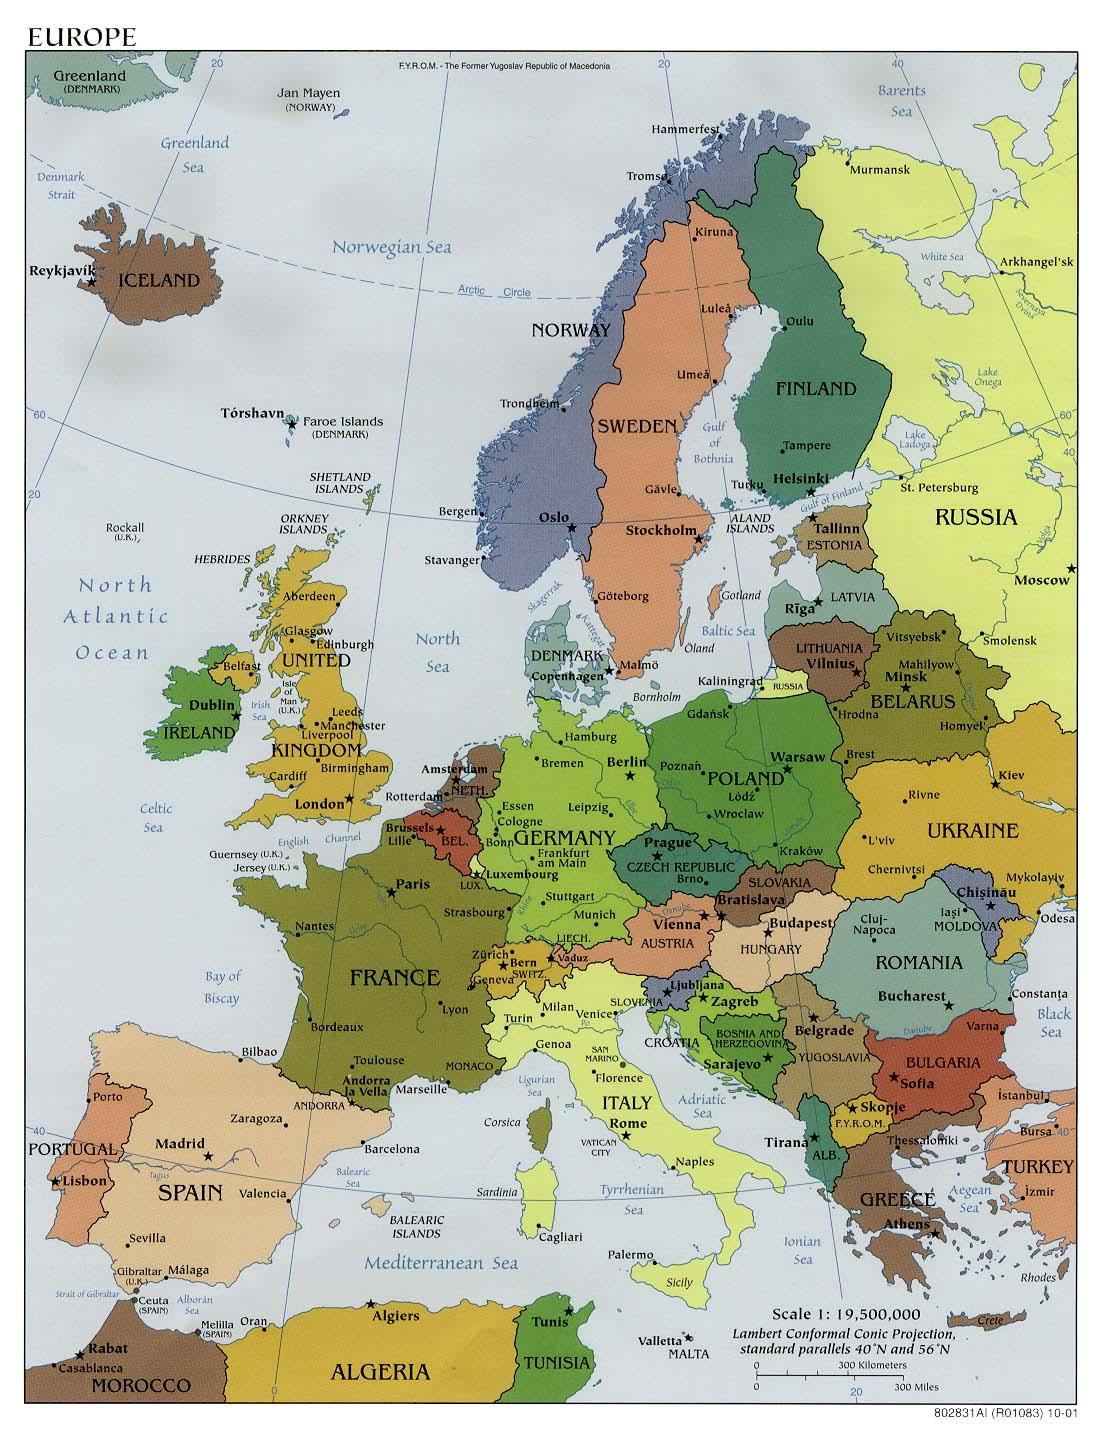 Mapa Politico de Europa 2001